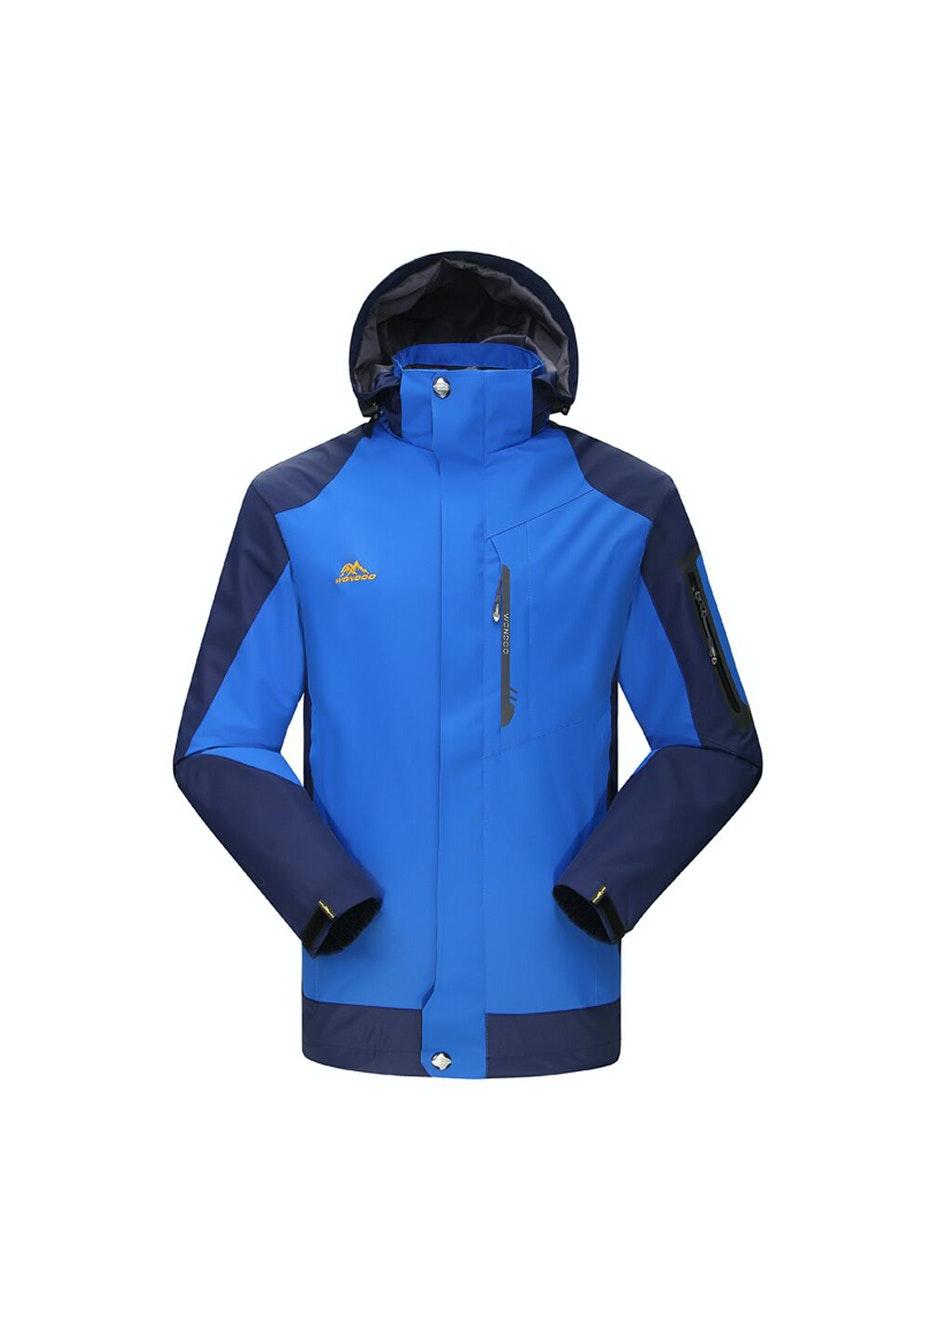 Men 2-in-1 WaterProof Jackets - Bright Blue